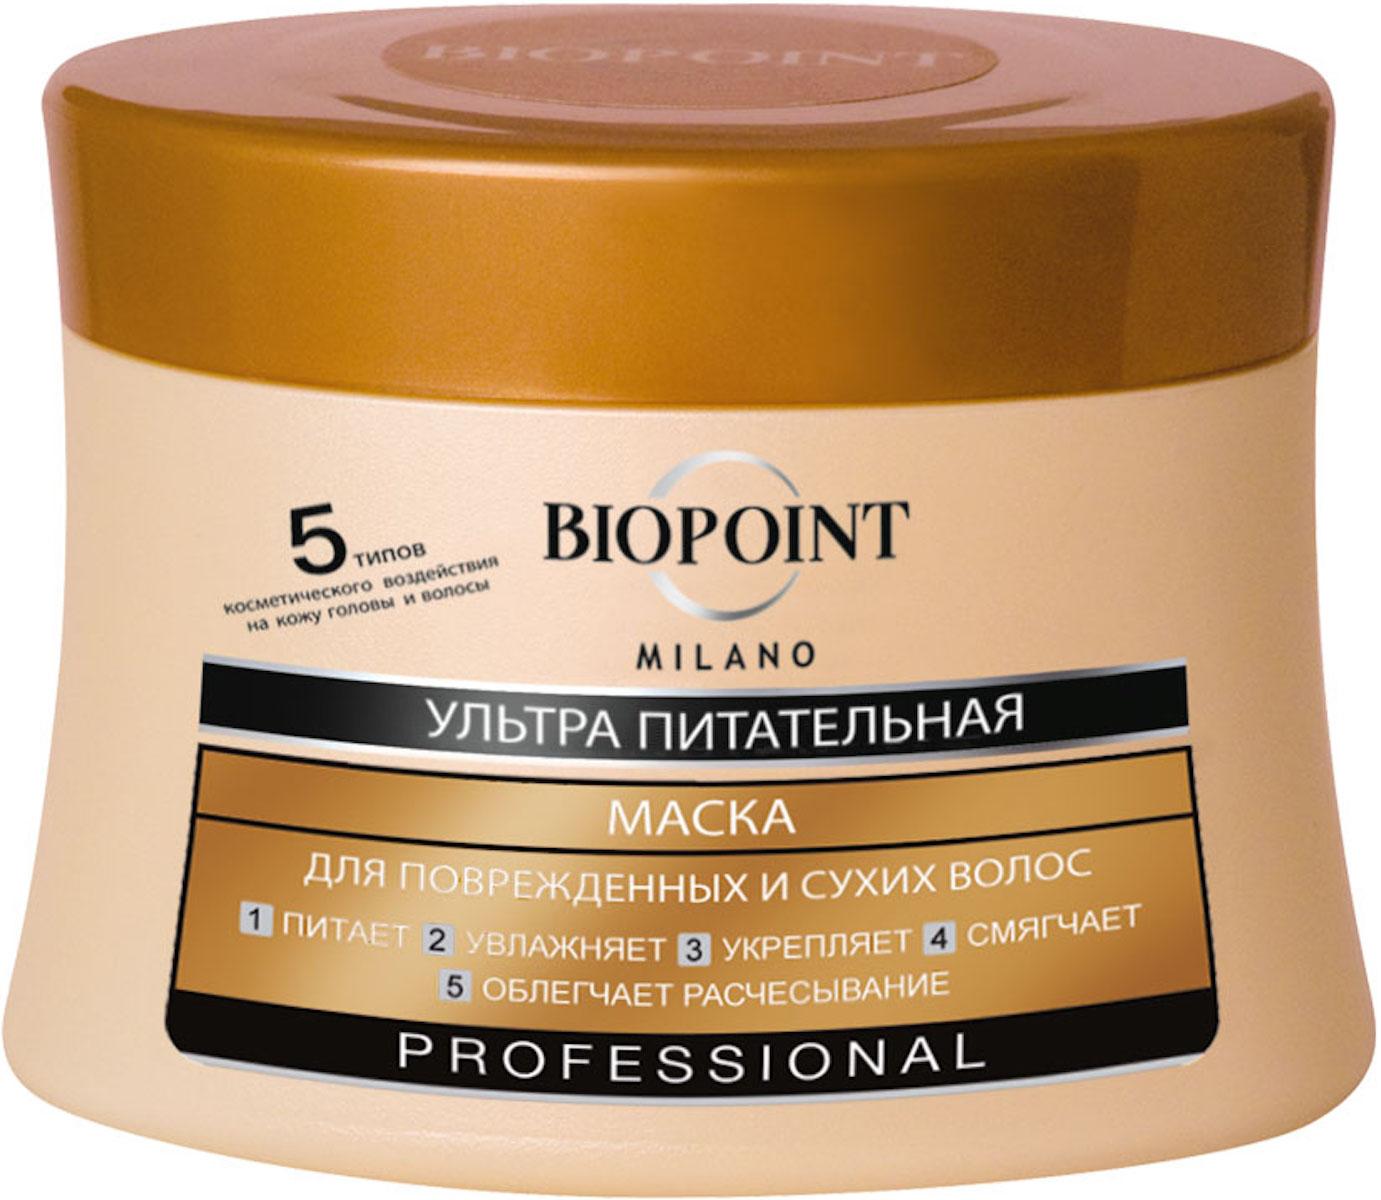 Biopoint Маска Ультра питательная для поврежденных и сухих волос, 250 мл lovien essential маска кондиционер ультра блеск маска кондиционер ультра блеск